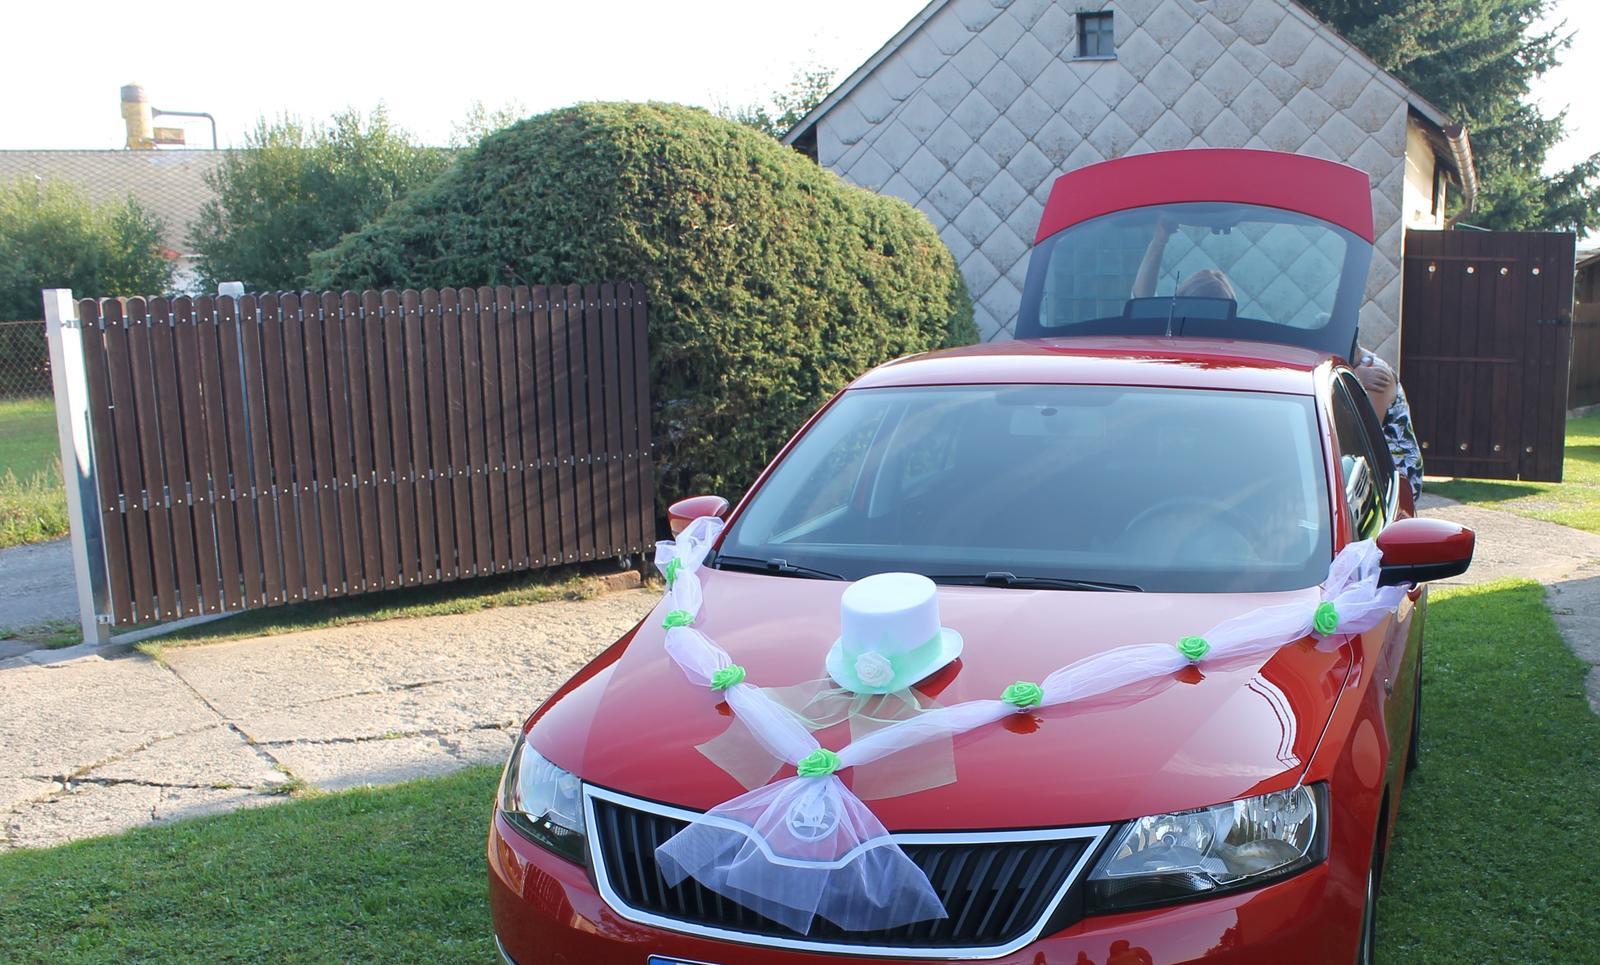 Výzdoba na auta ženicha a nevěsty - Obrázek č. 3